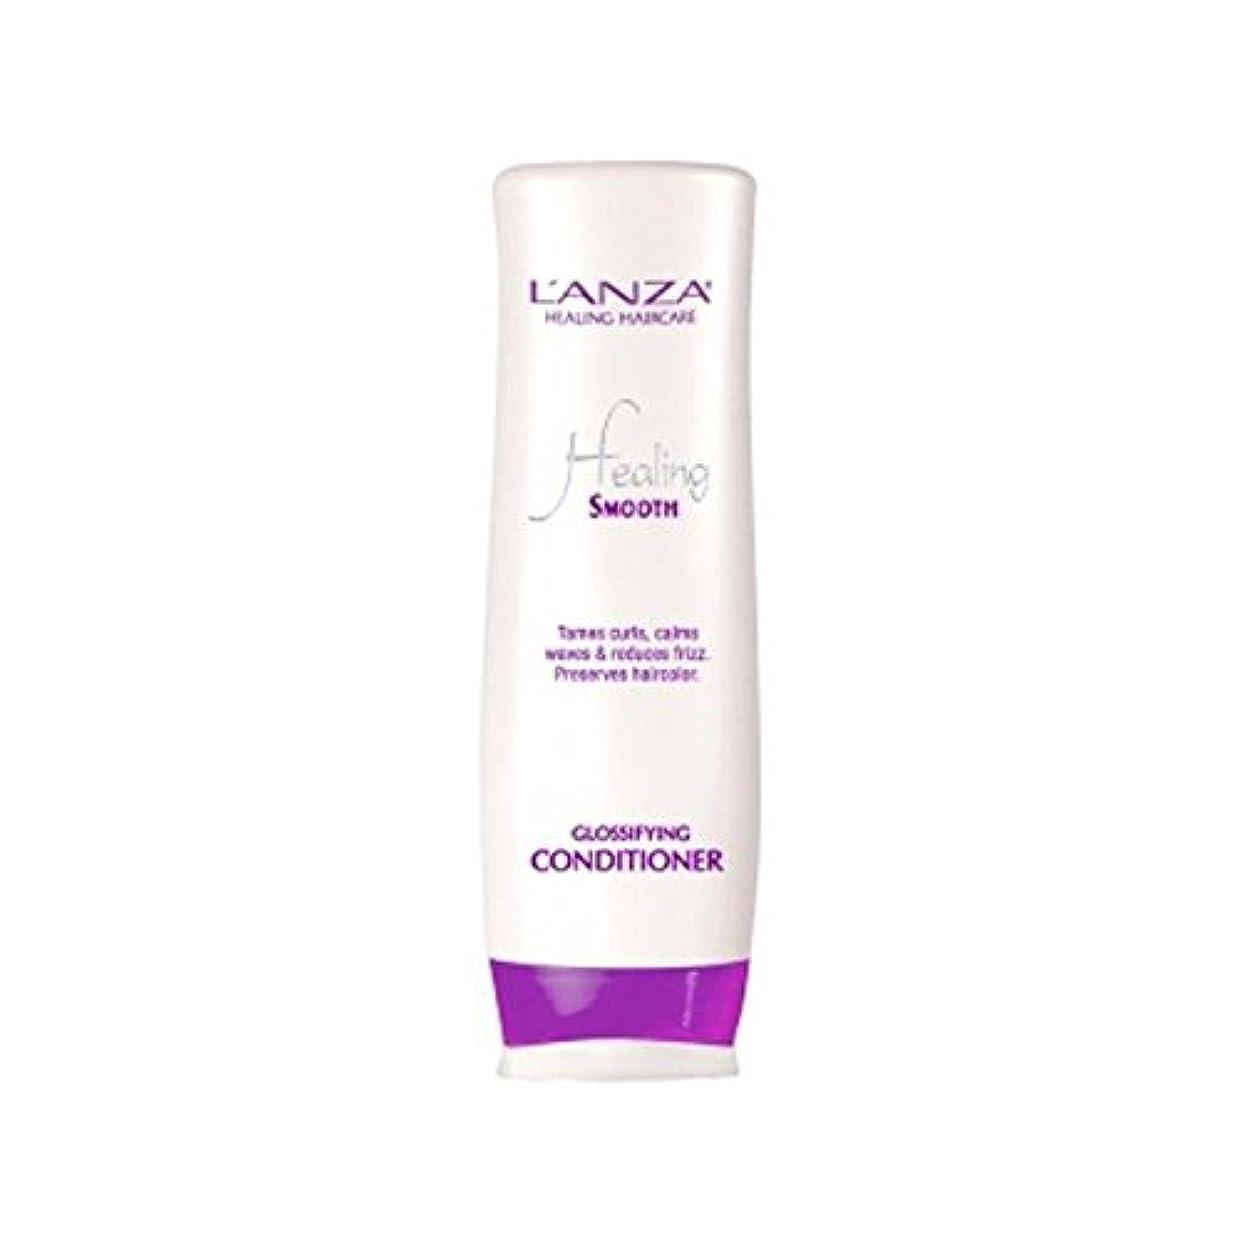 バングラデシュ五月生きるスムーズなコンディショナーを癒し'アンザ(250ミリリットル) x2 - L'Anza Healing Smooth Glossifying Conditioner (250ml) (Pack of 2) [並行輸入品]